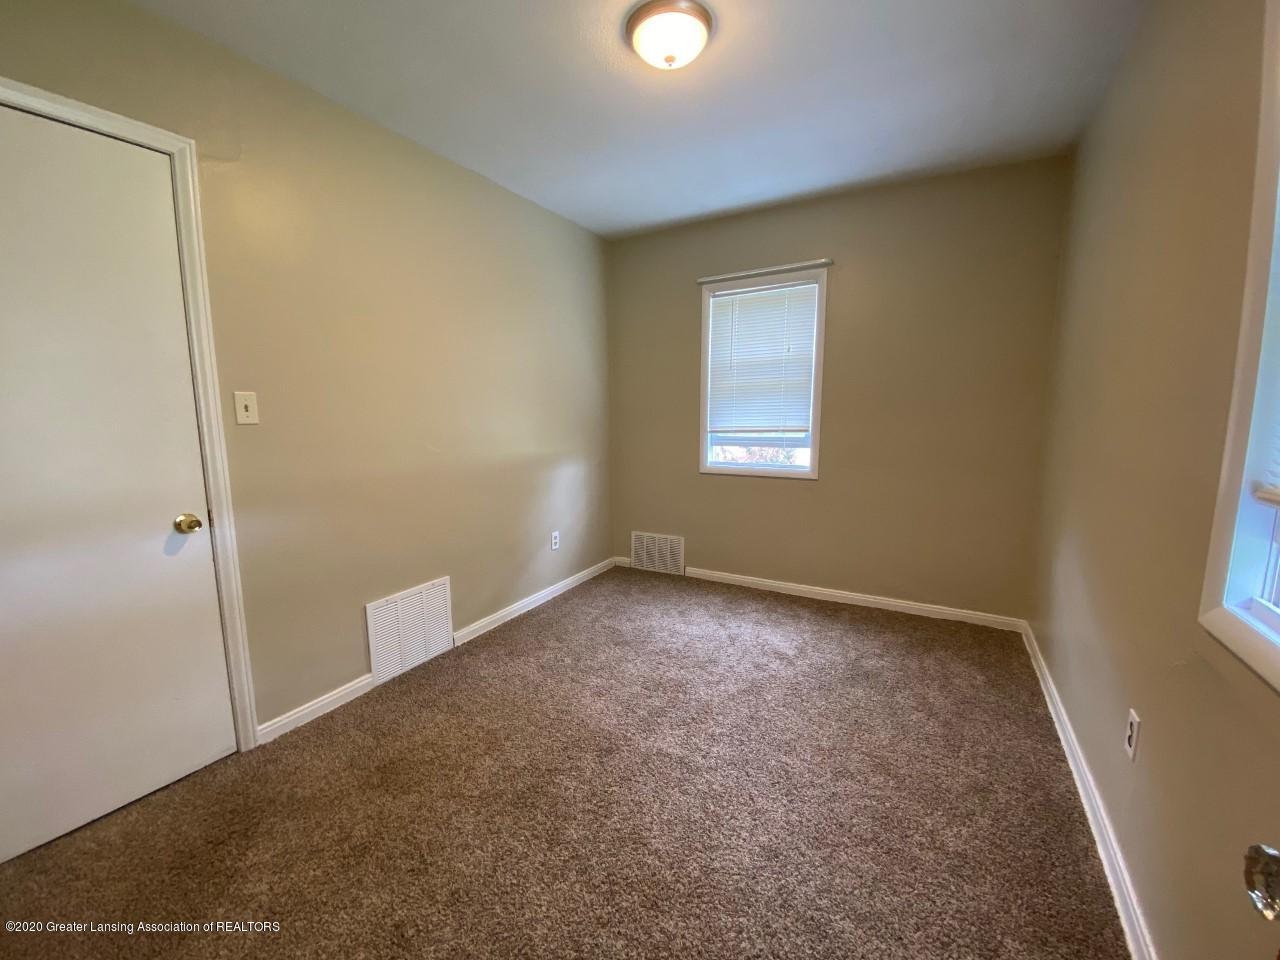 2847 Gramer Rd - Bedroom 2 - 18